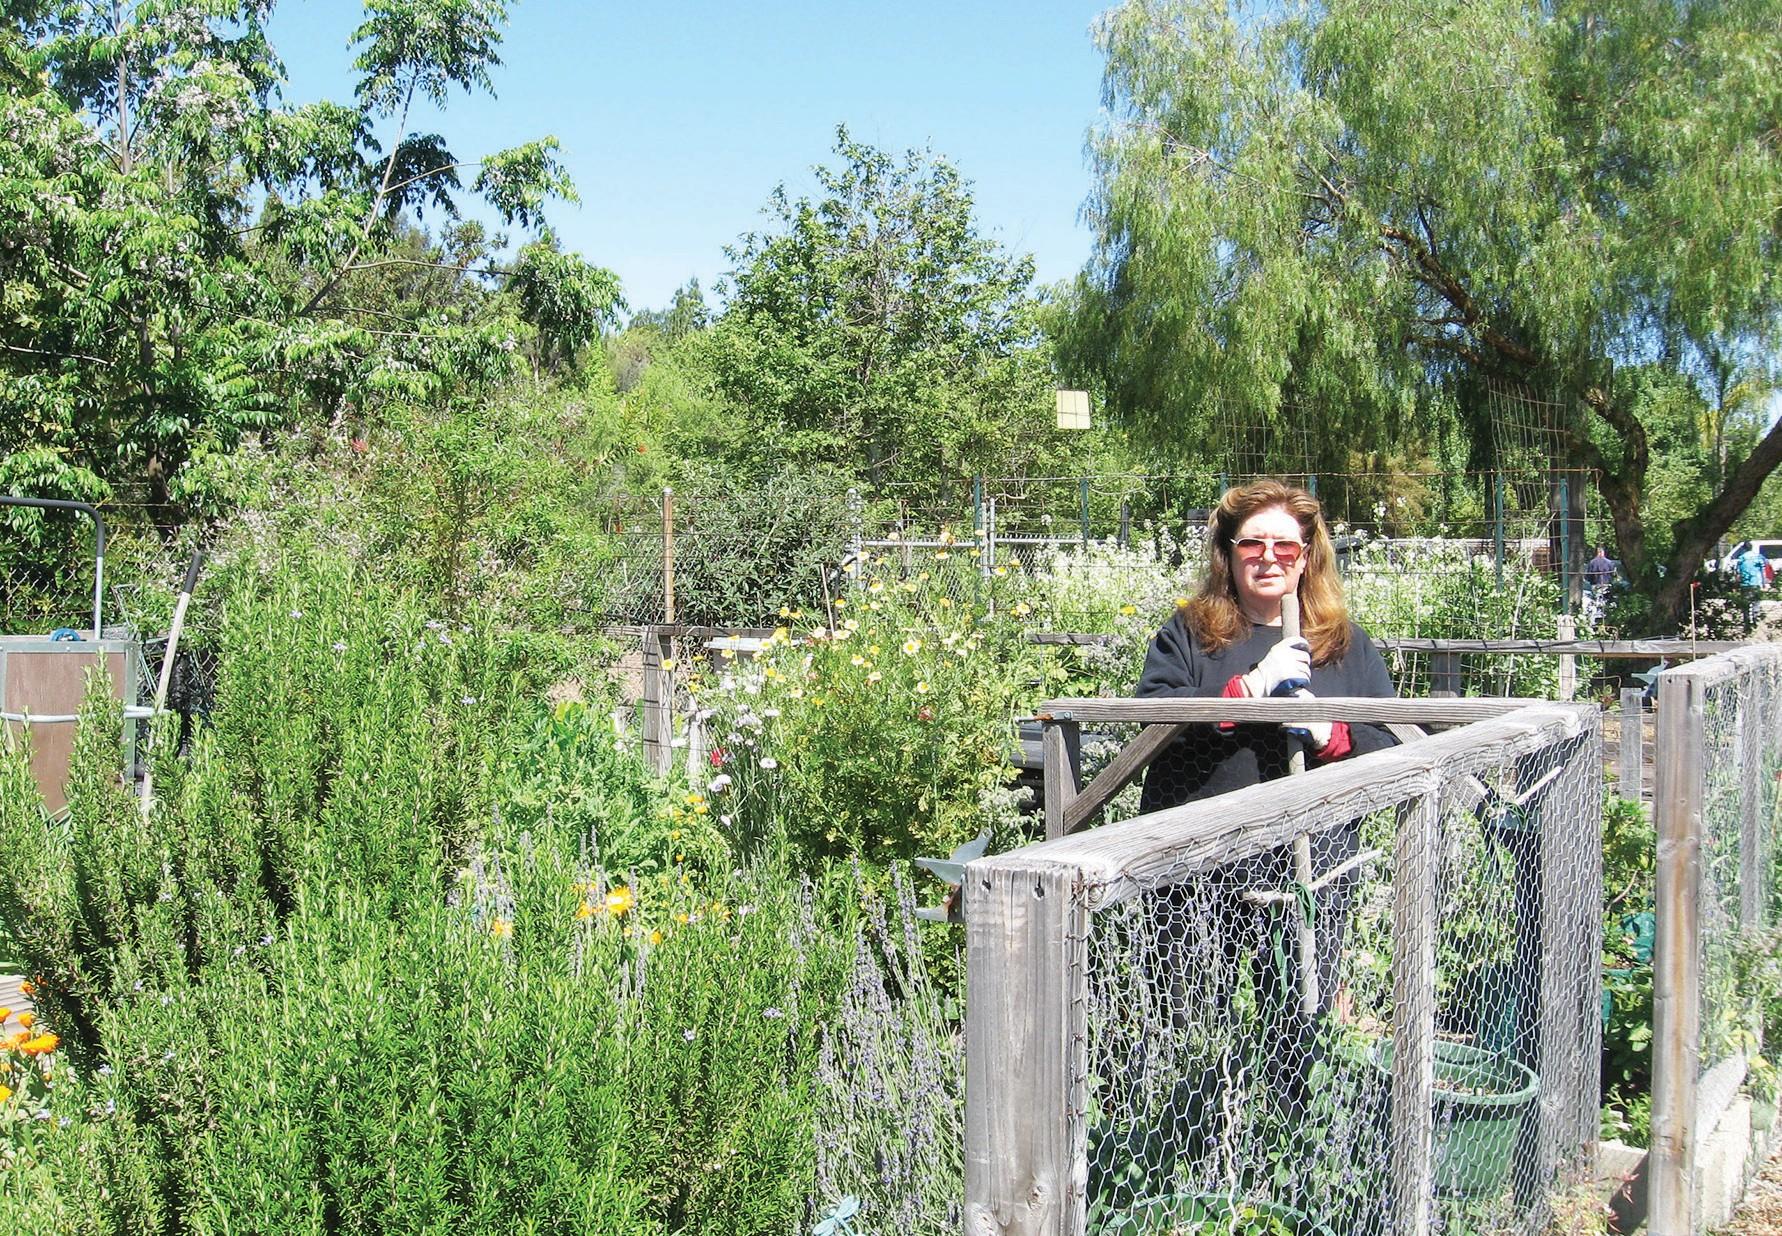 One of the community garden's board members, Mareena, in her garden.